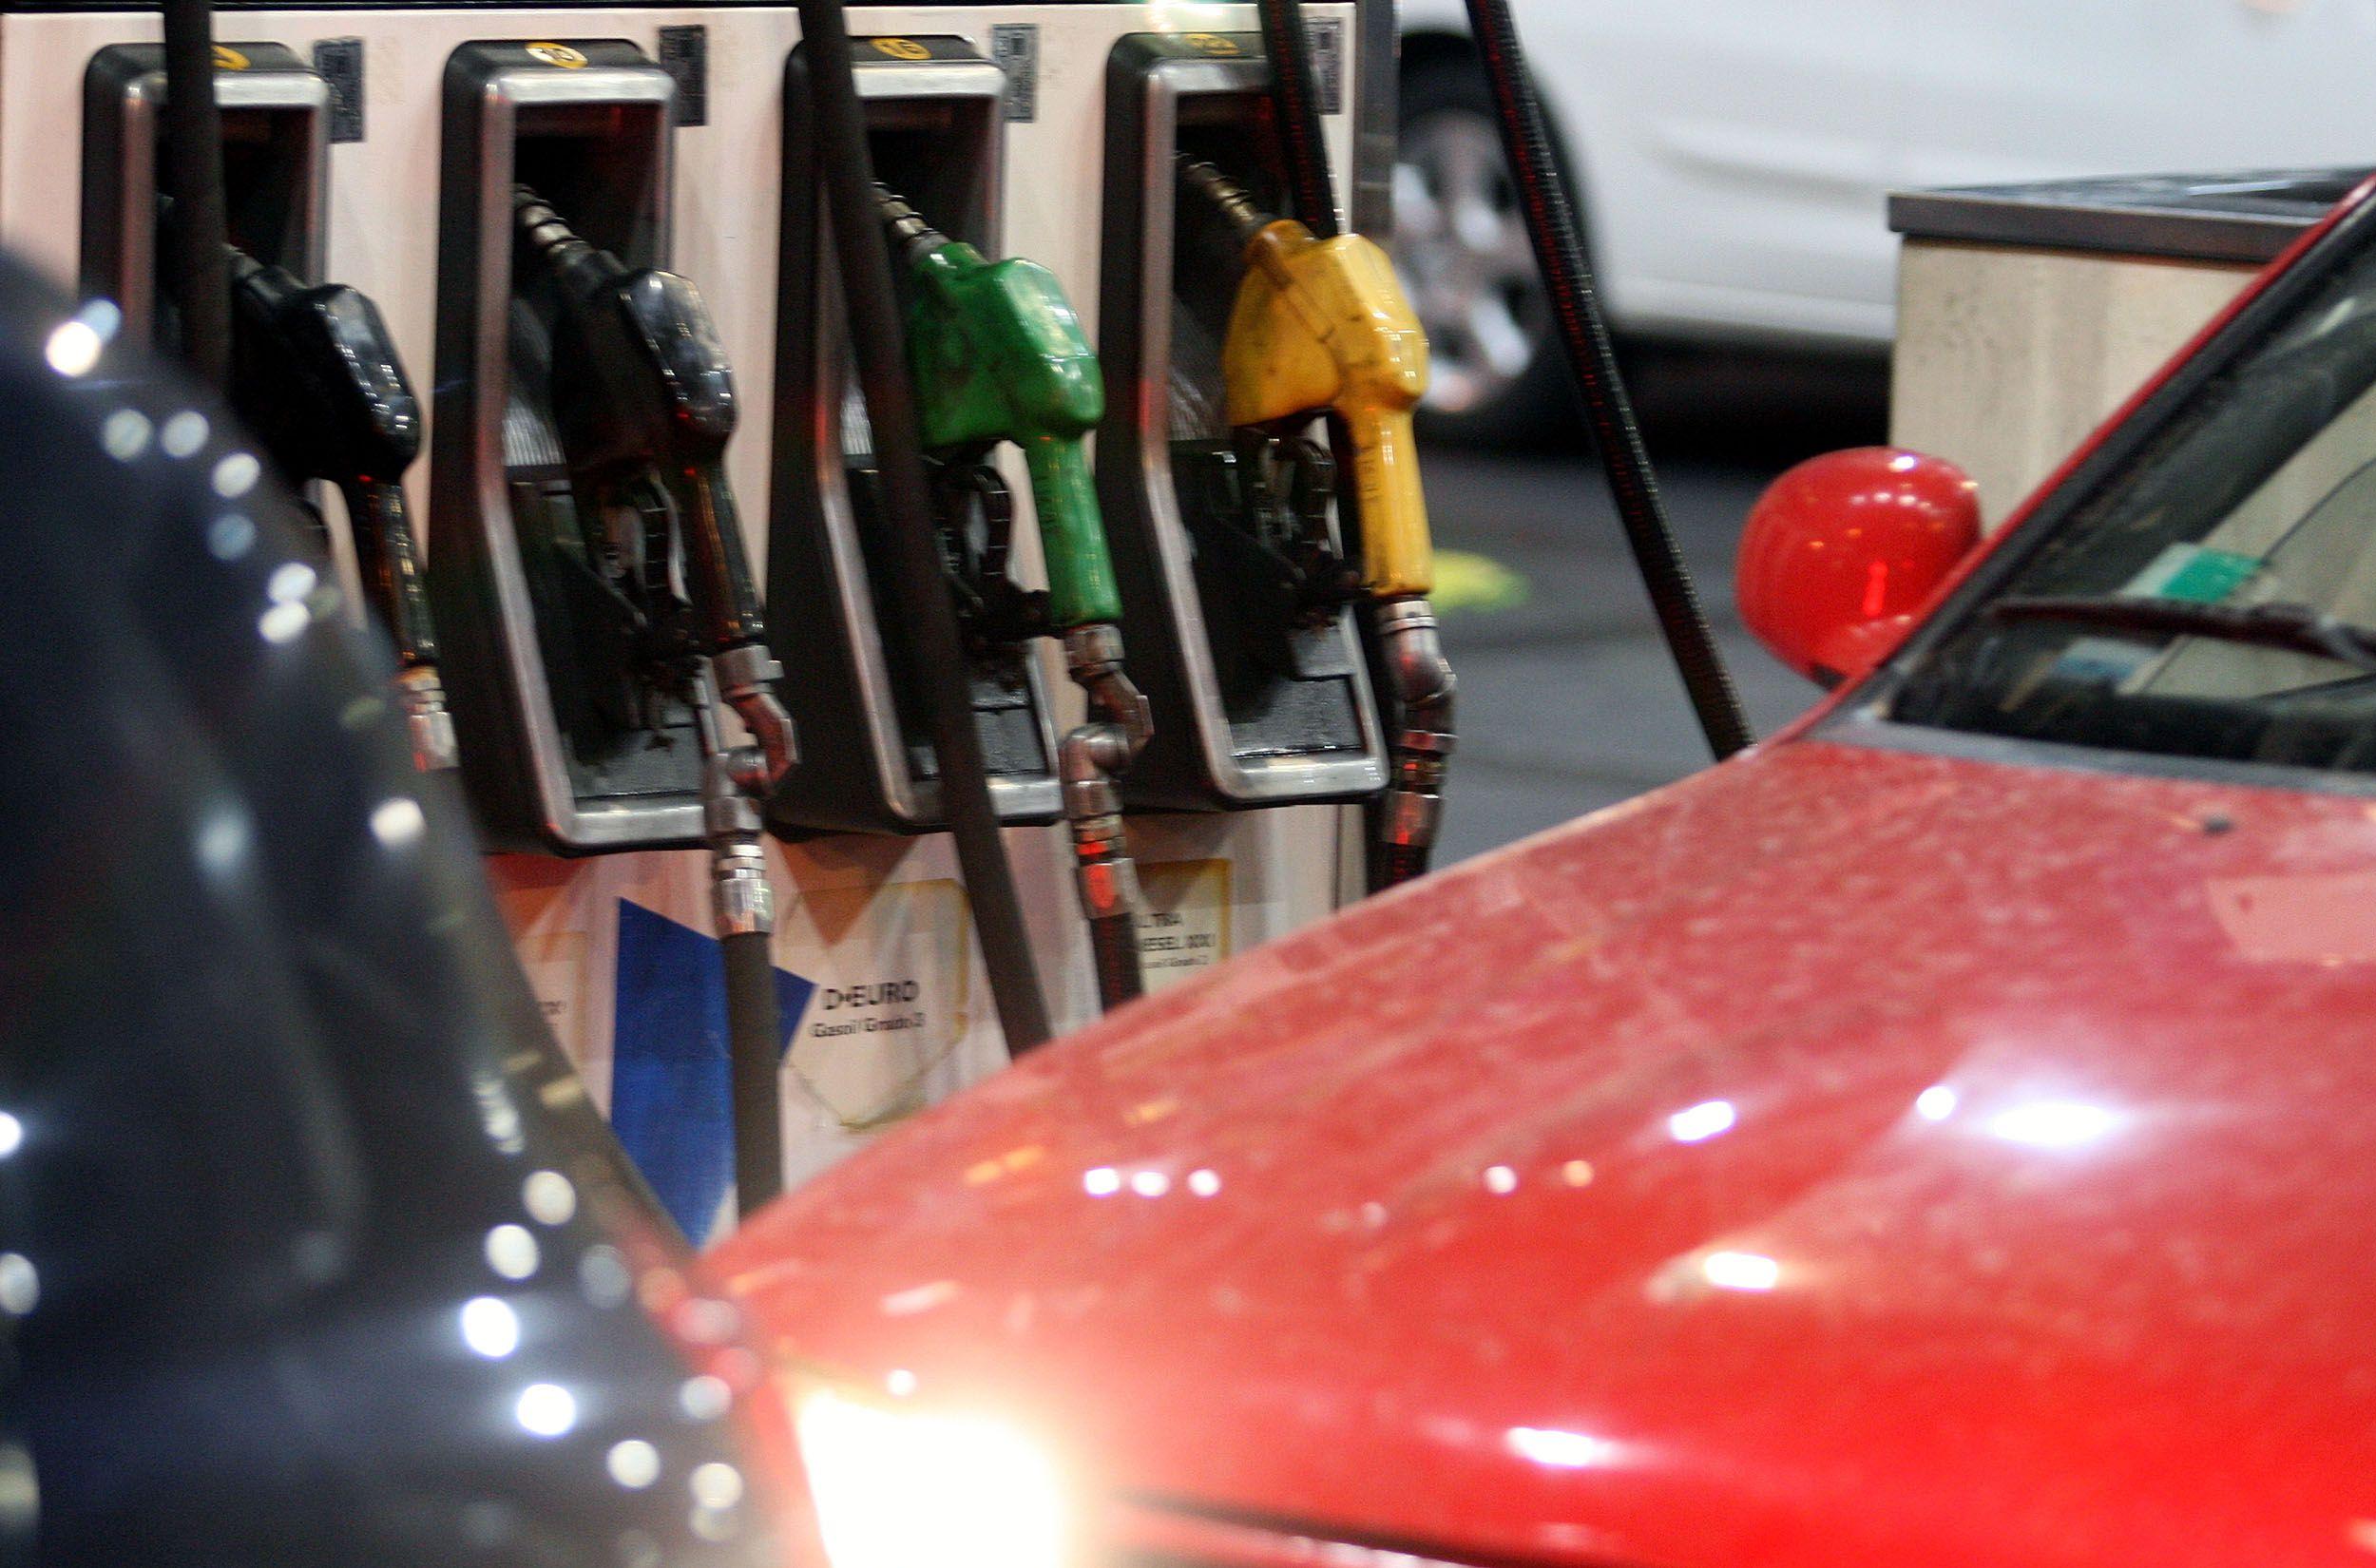 Los estacioneros de servicio dicen que ni siquiera podrán pagar el aguinaldo en dos cuotas, como acordó Carlos Acuña con un sector del rubro. Las ventas afectaron al 80% de los comercios del sector. DyN 162